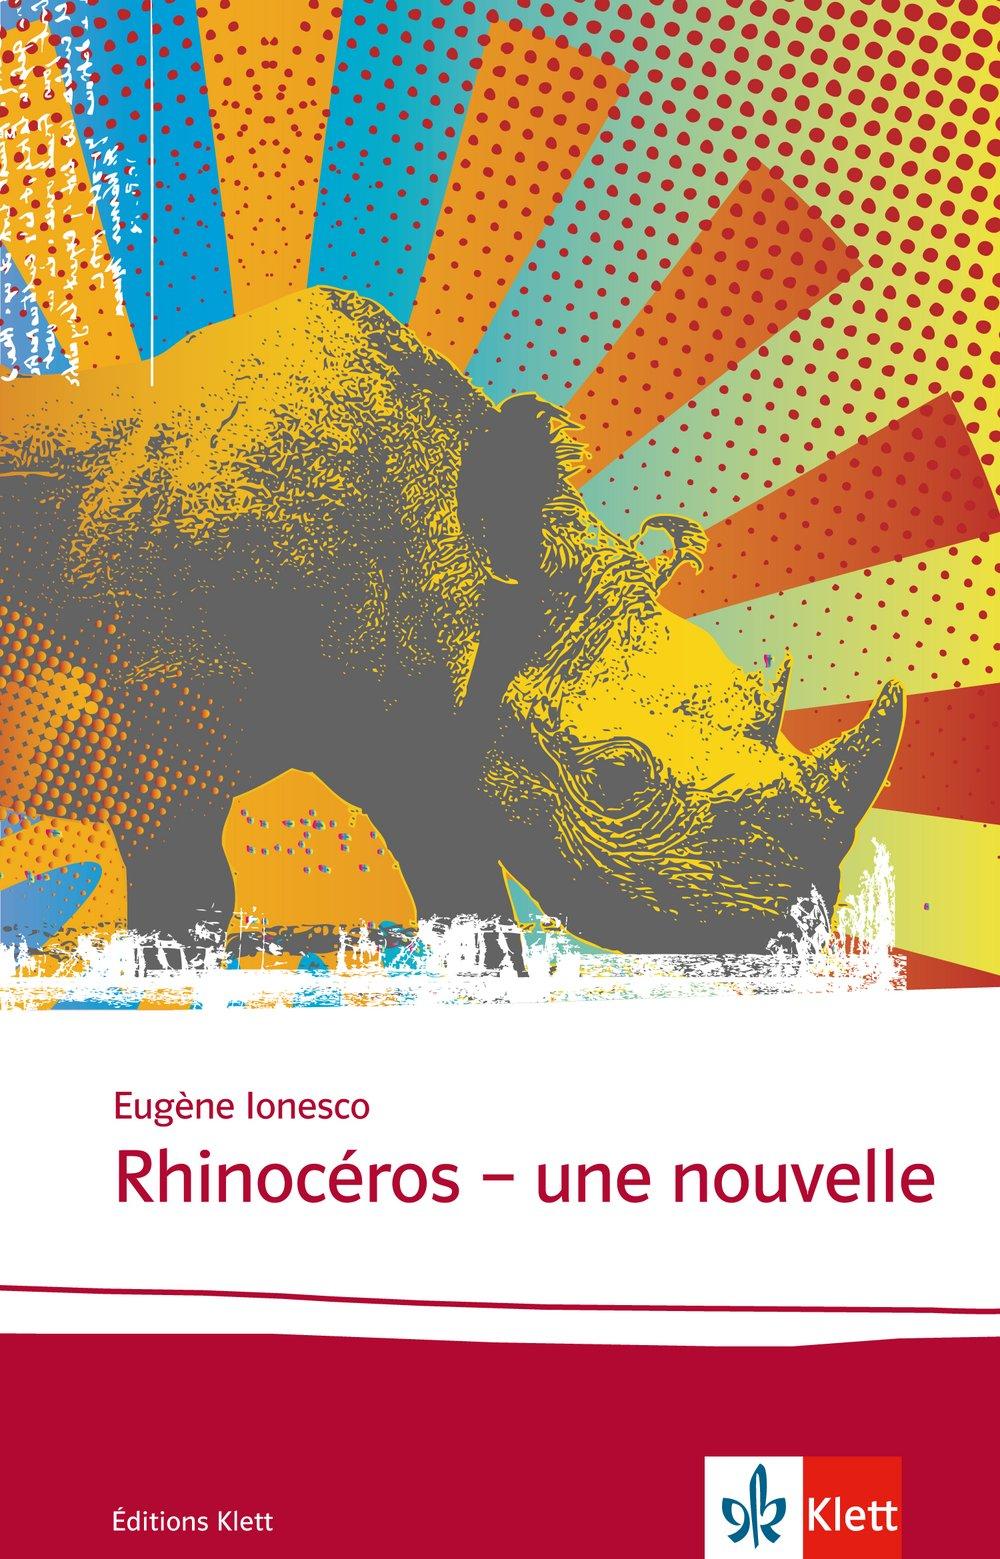 Rhinocéros: Une nouvelle. Französische Lektüre für die Oberstufe. Originaltext mit Annotationen (Éditions Klett)